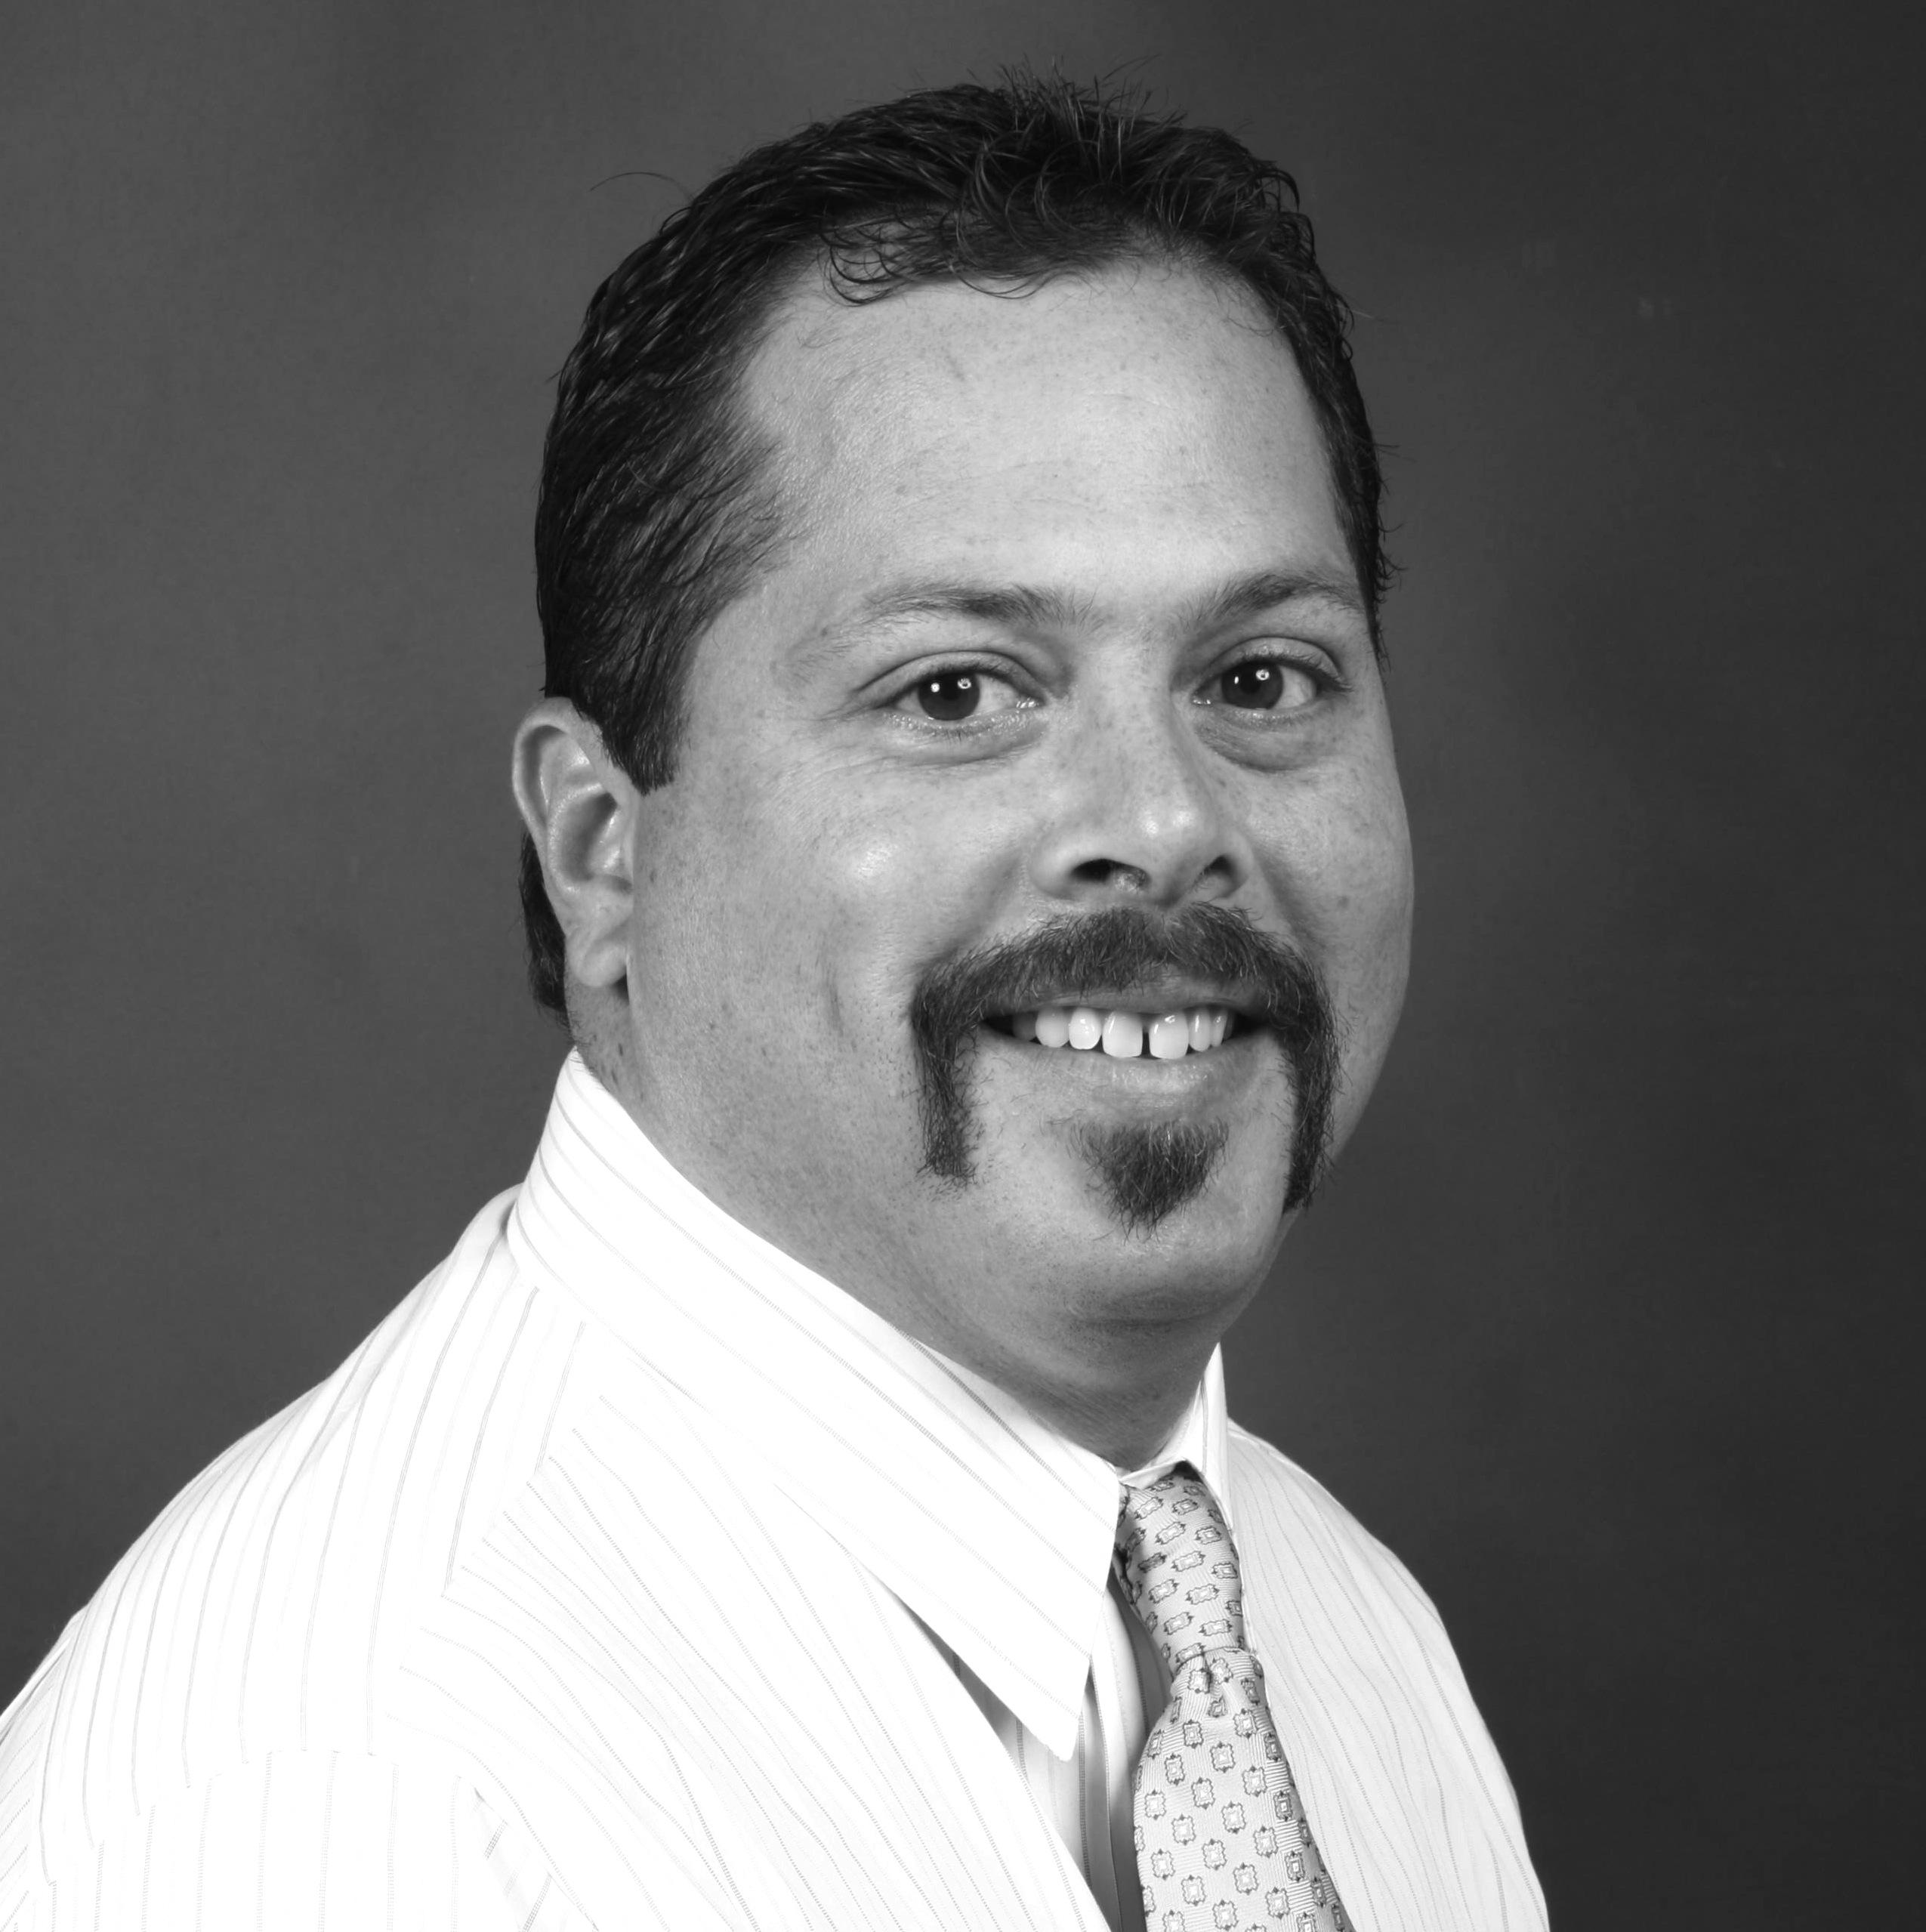 Carlos A. Canino